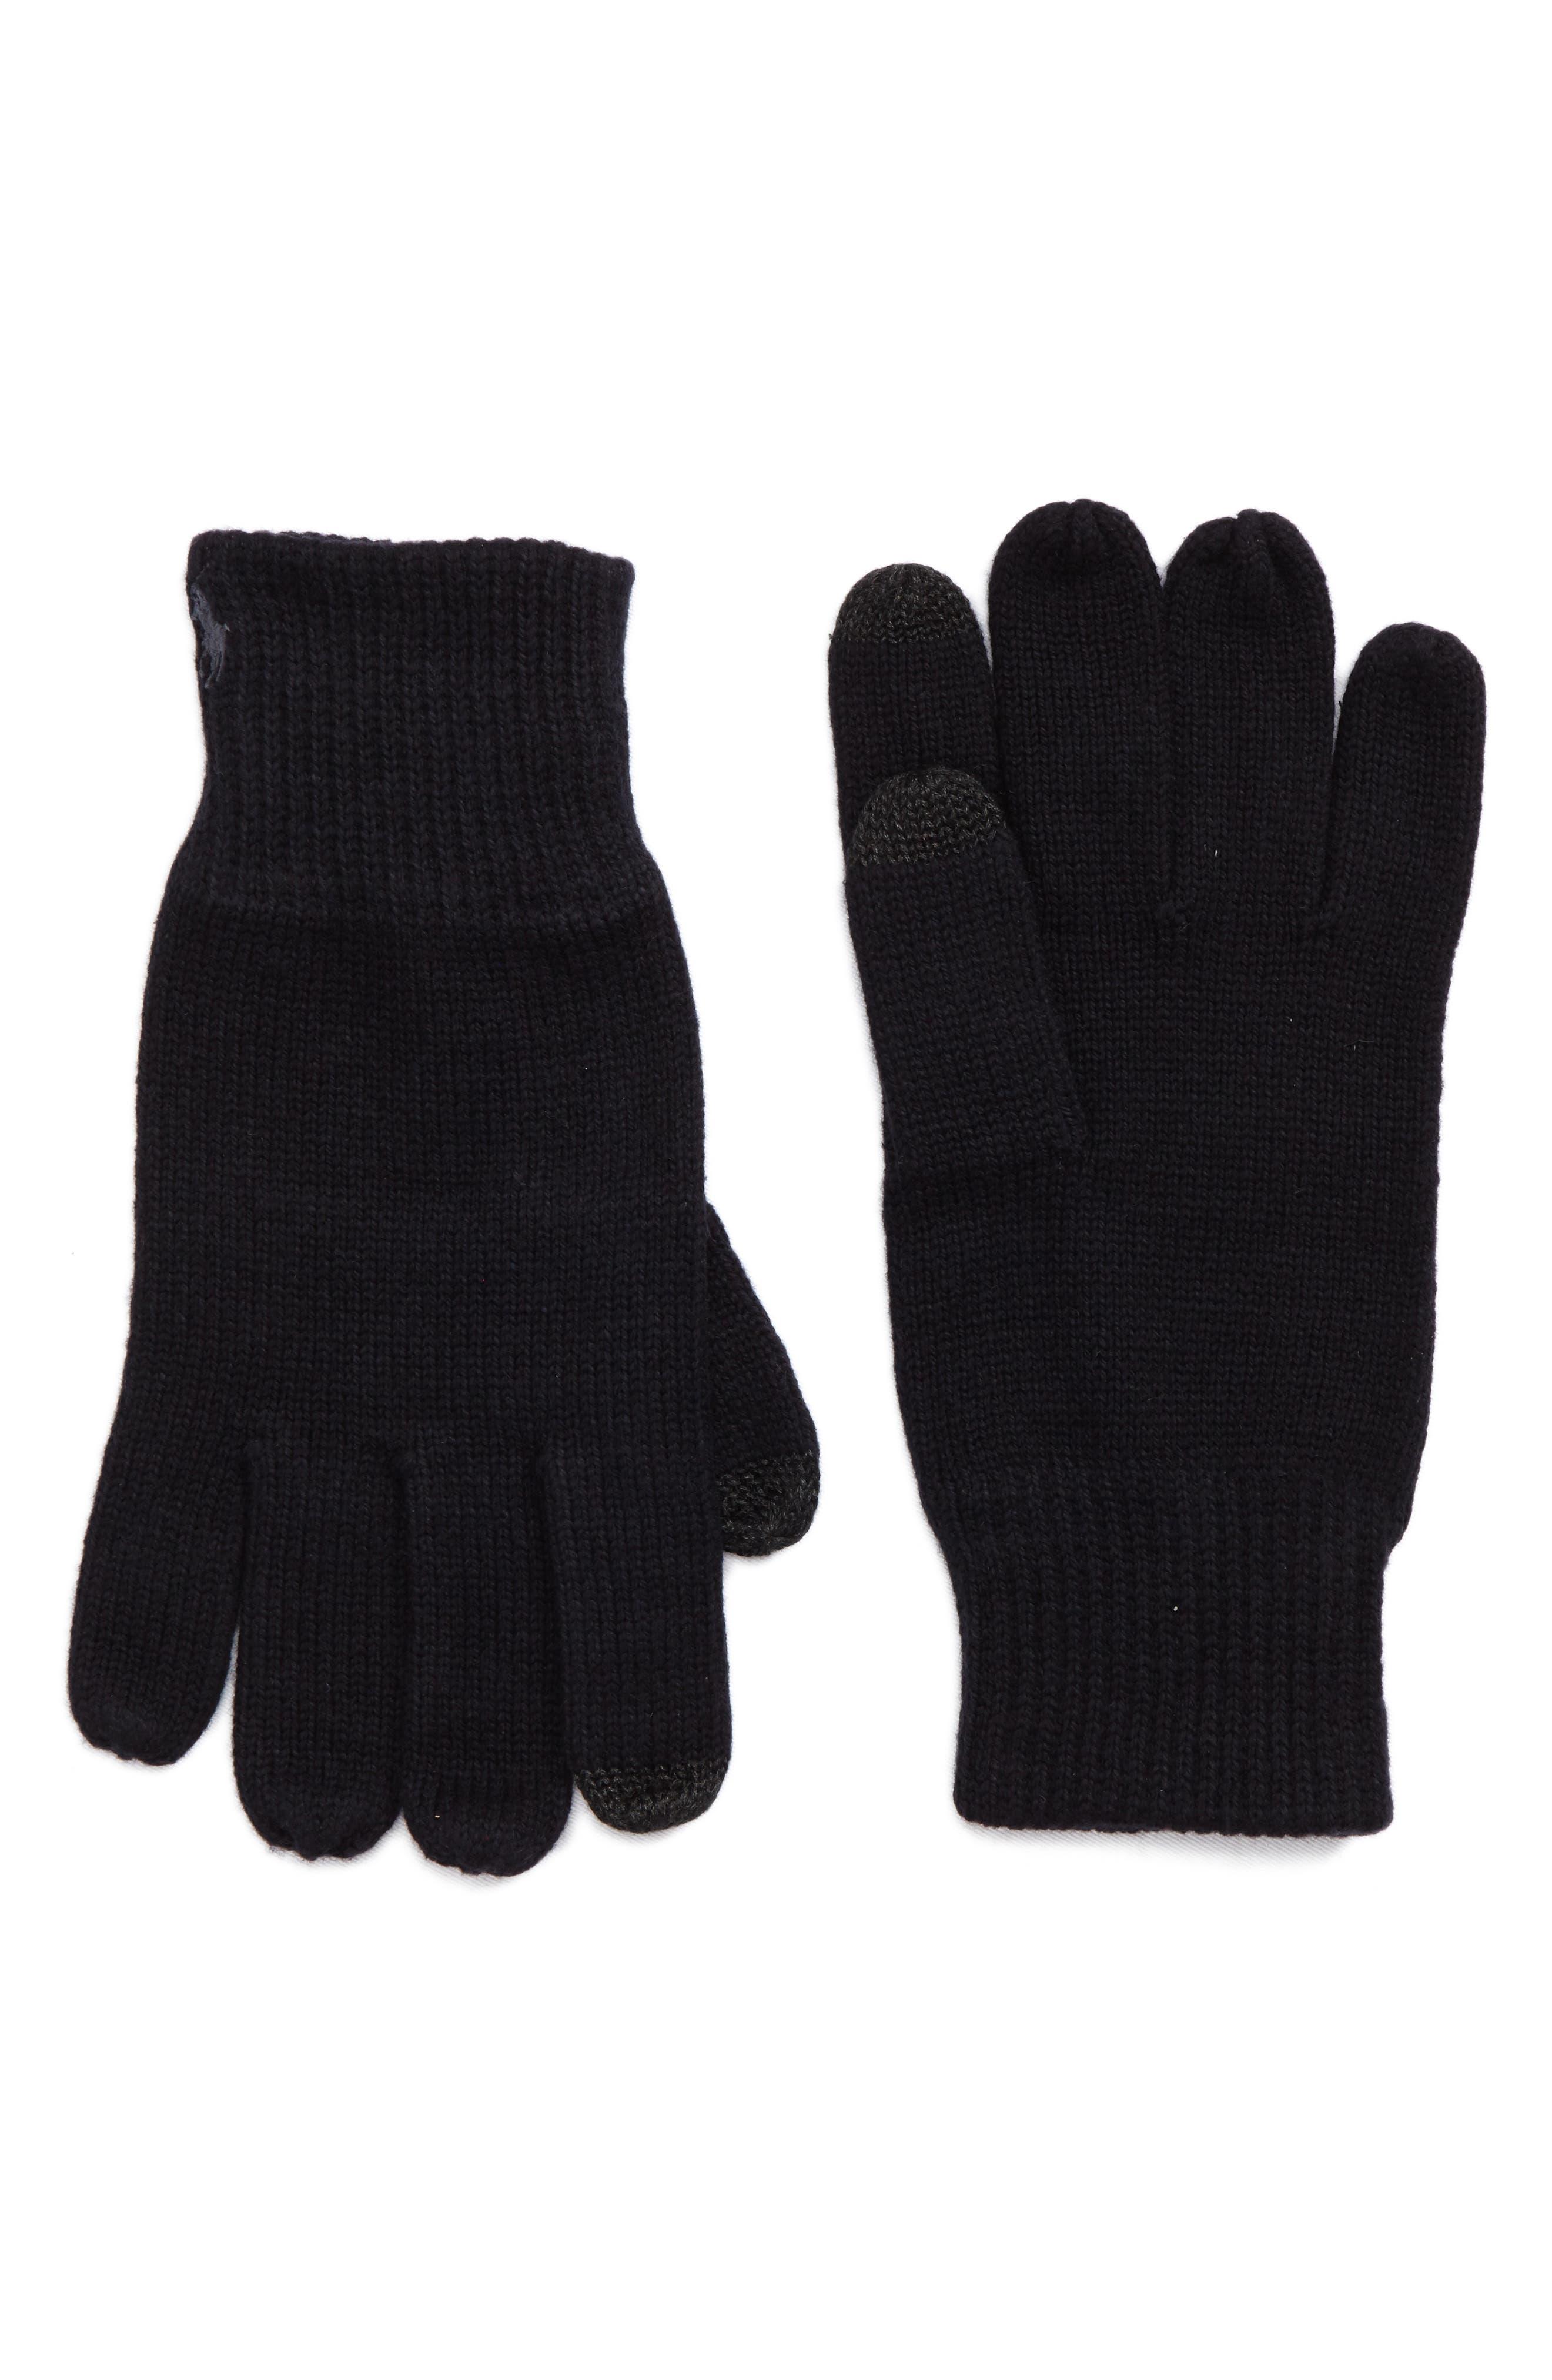 Polo Ralph Lauren Knit Tech Gloves